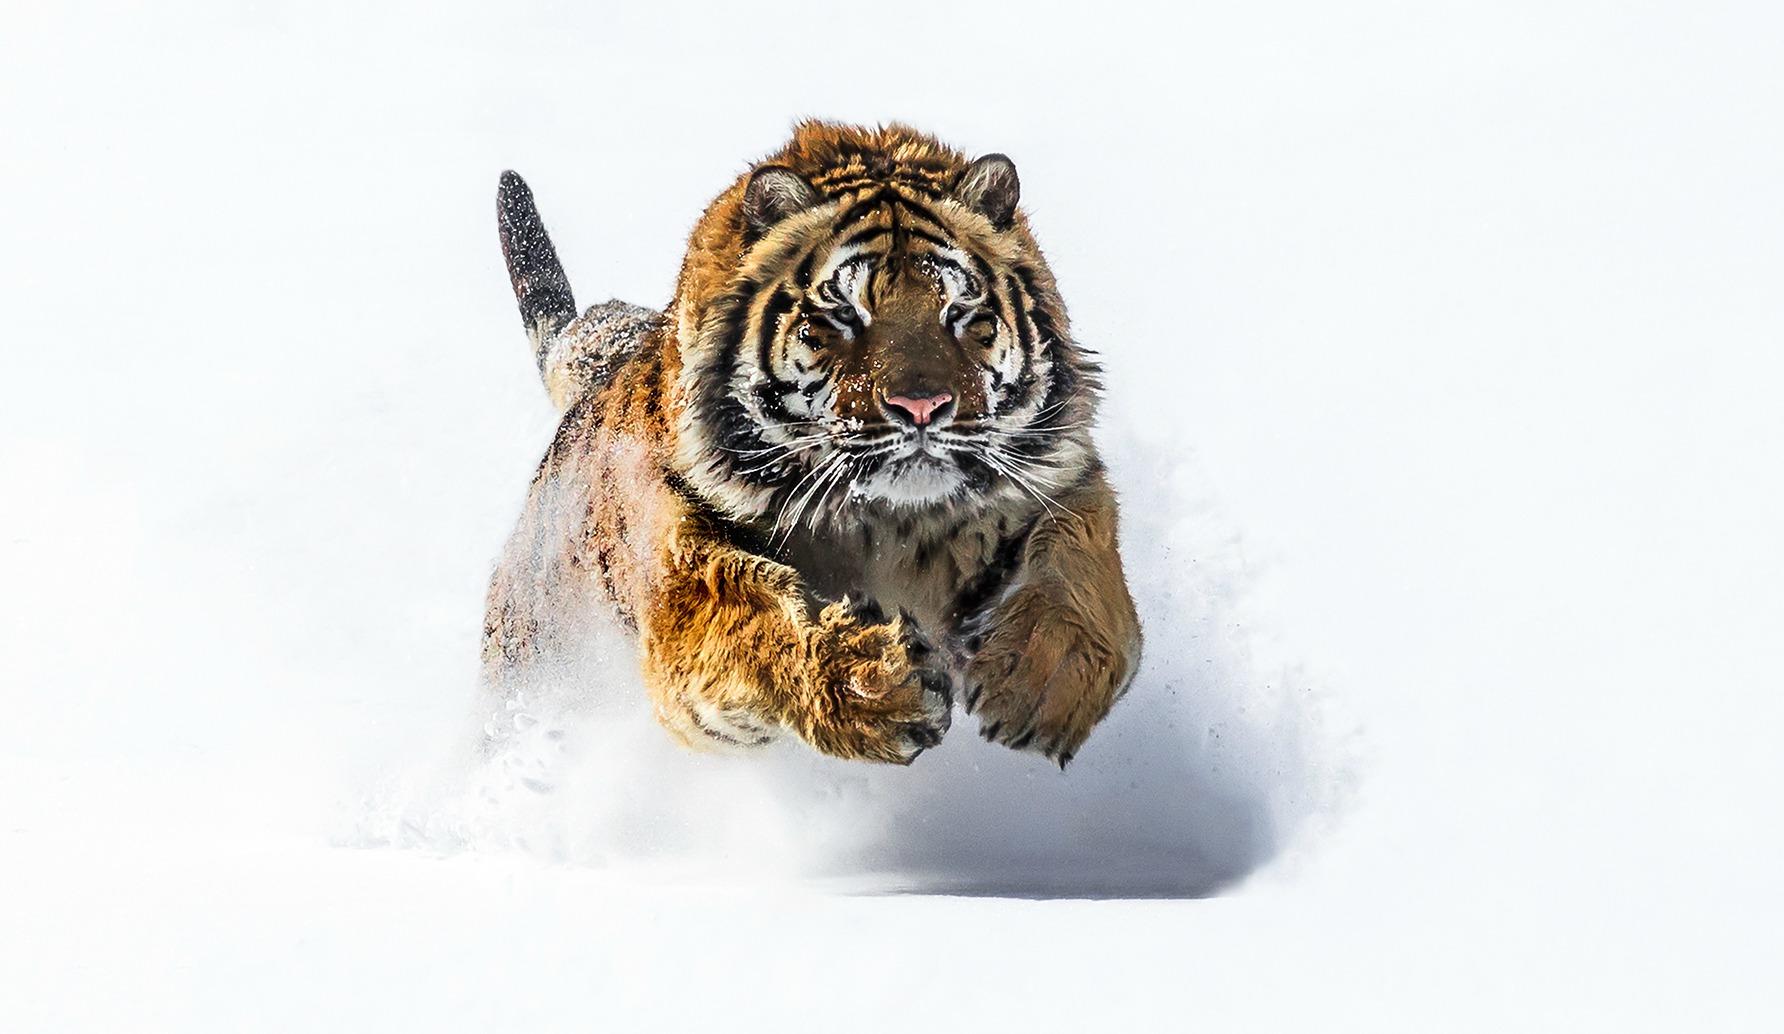 McKay Tiger